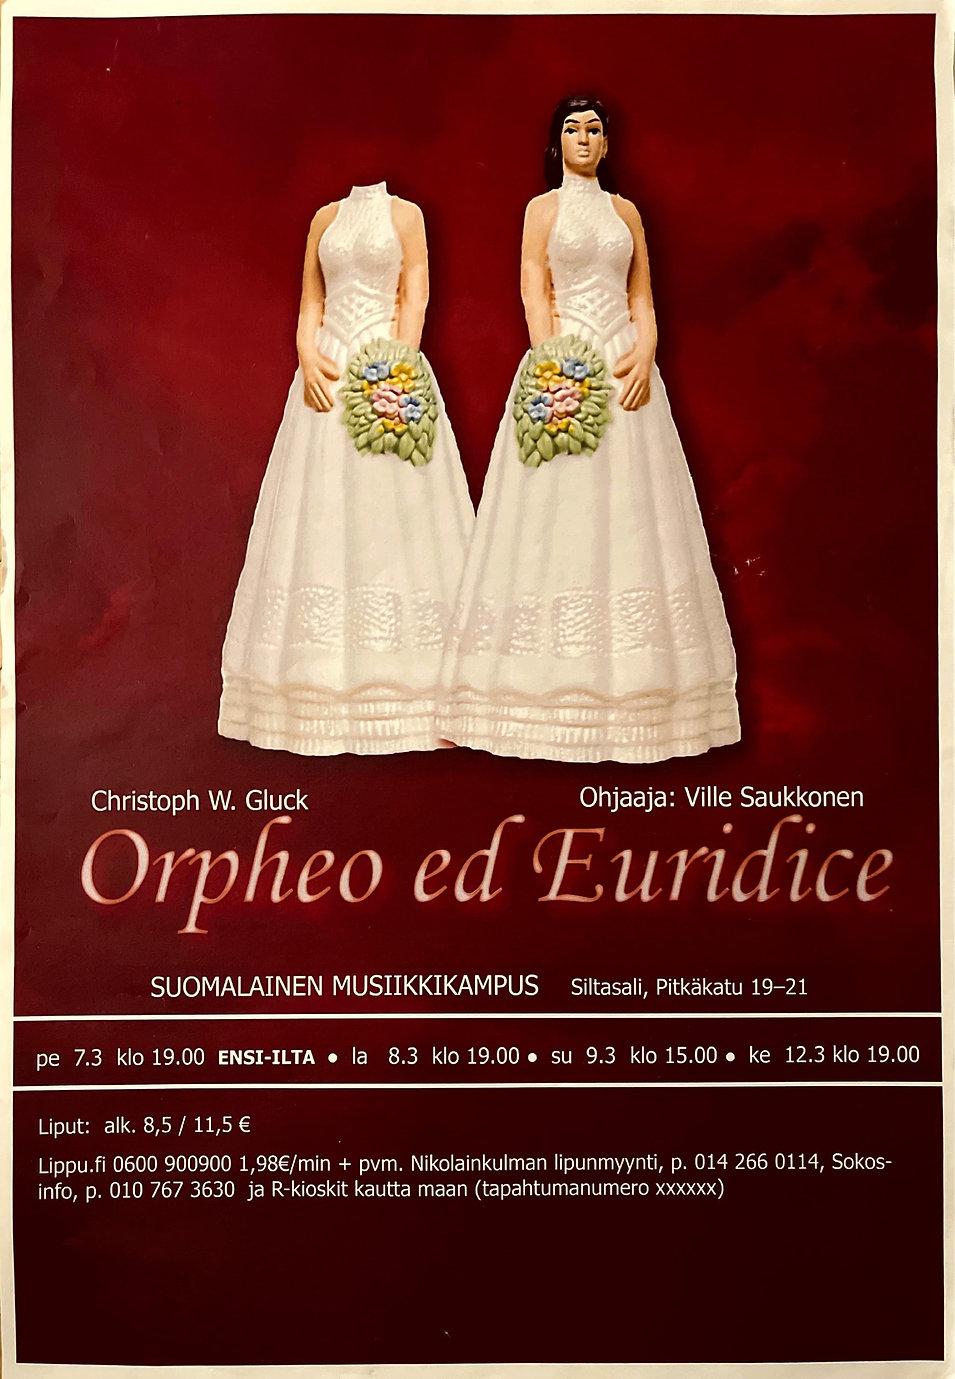 Orpheo ja Euridice -juliste, muuta nimi!